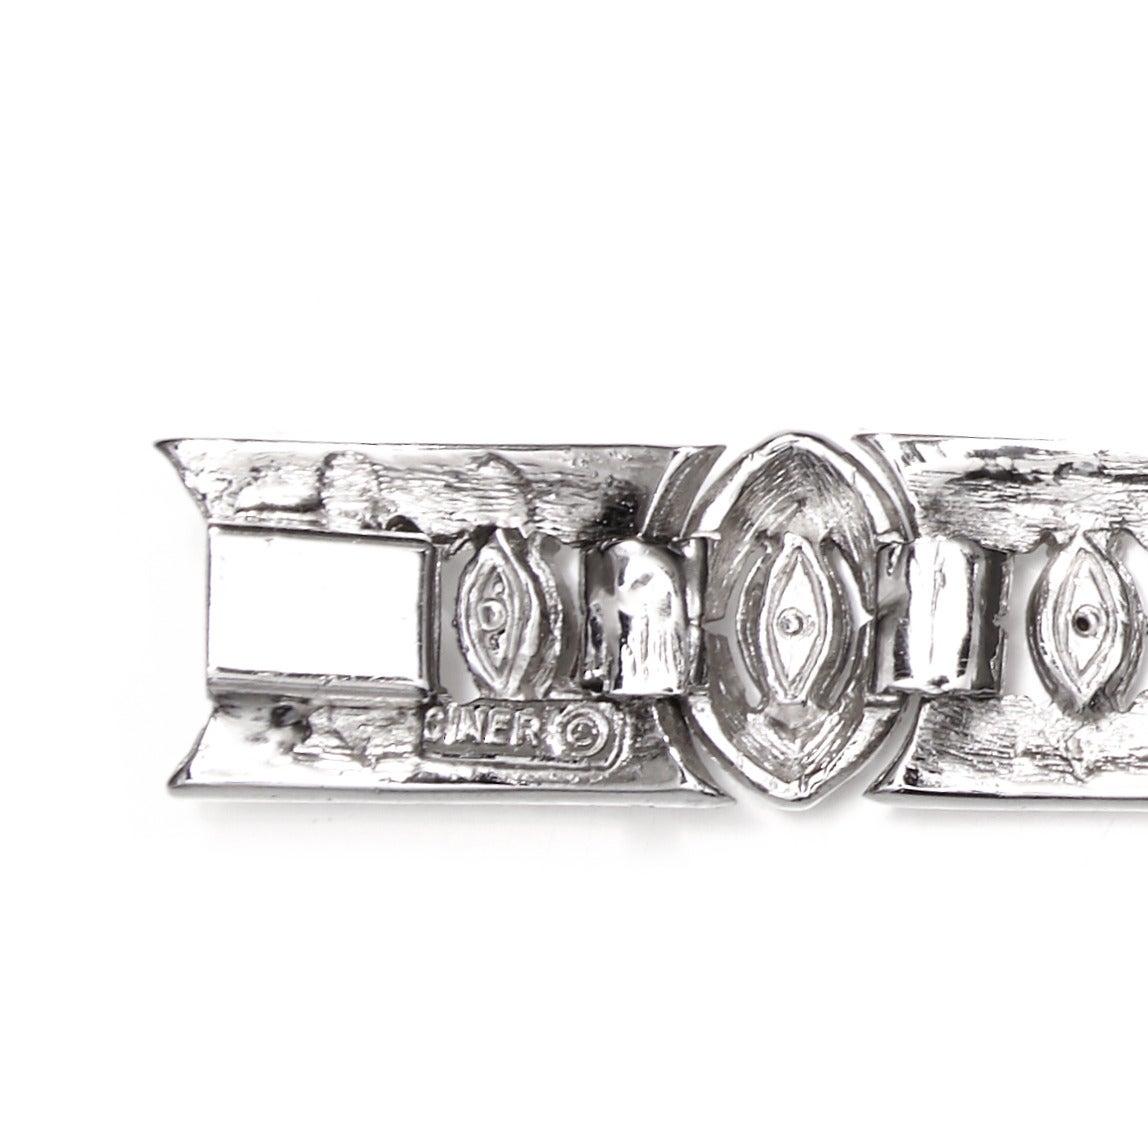 Women's Vintage Ciner Art Deco Bracelet For Sale